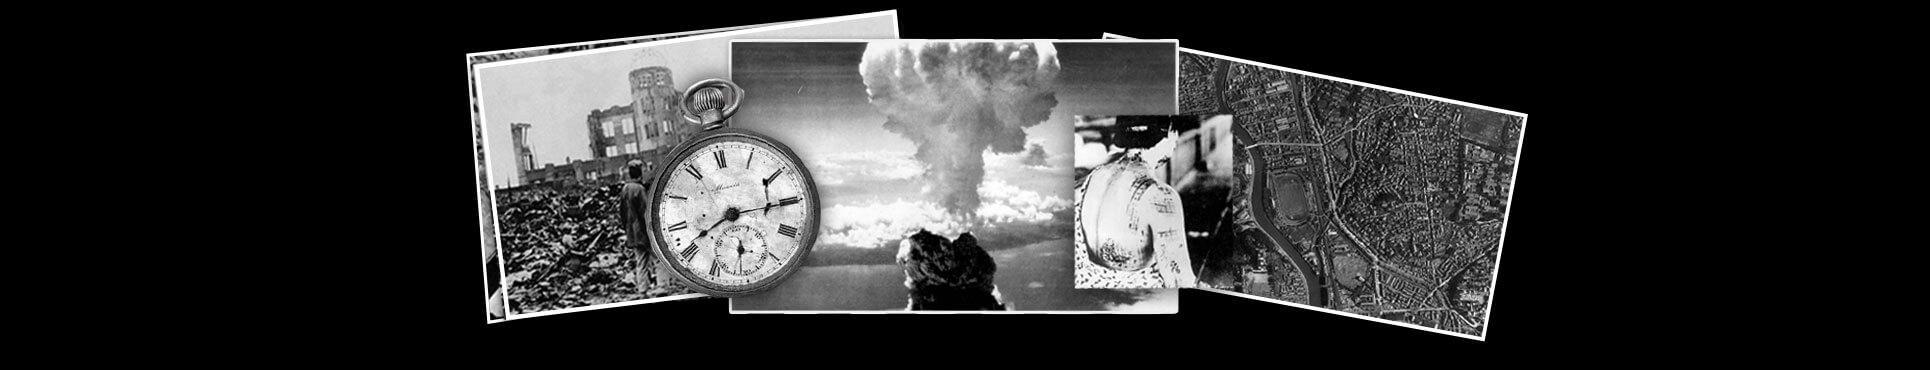 Montaje de fotos con reloj con la hora de la bomba, la explosión, mujer herida